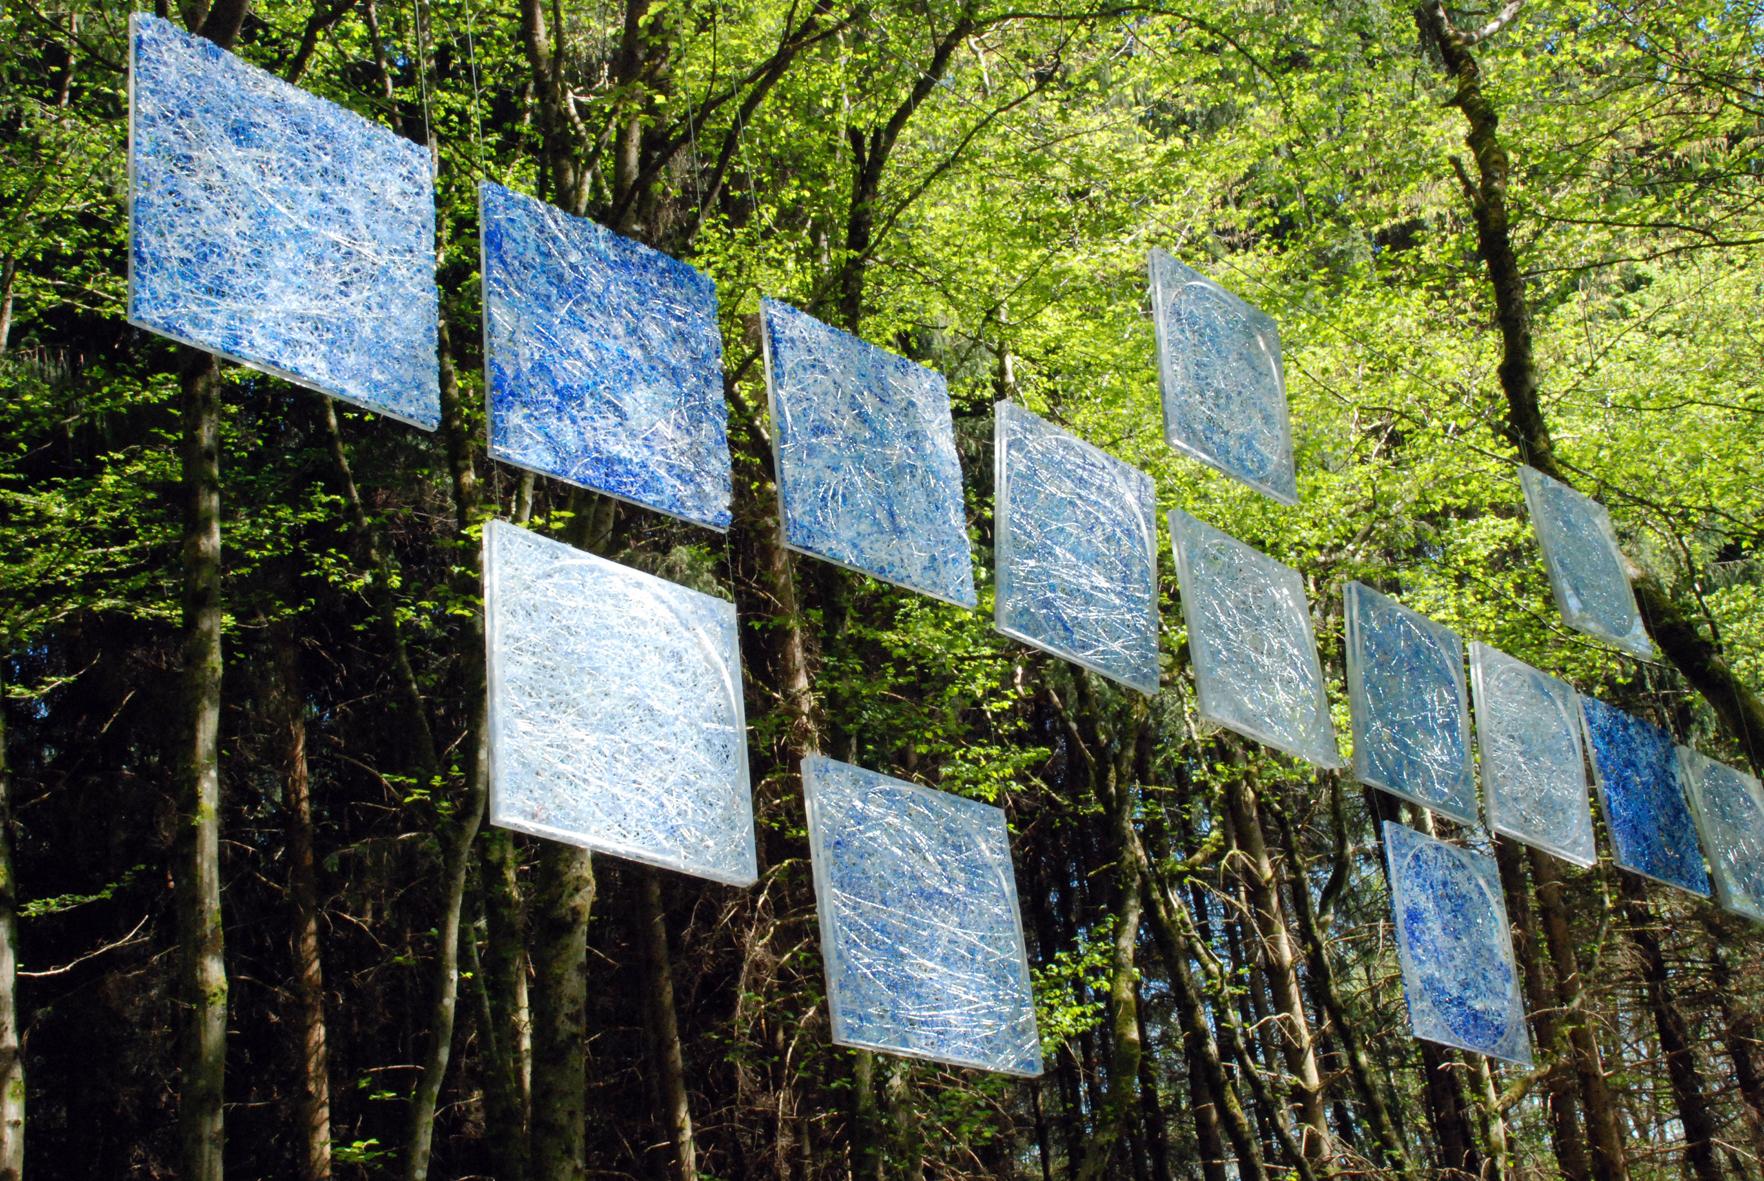 B-Amarger_artiste-textile_2007_lignebleue-lieuditreflexions-2